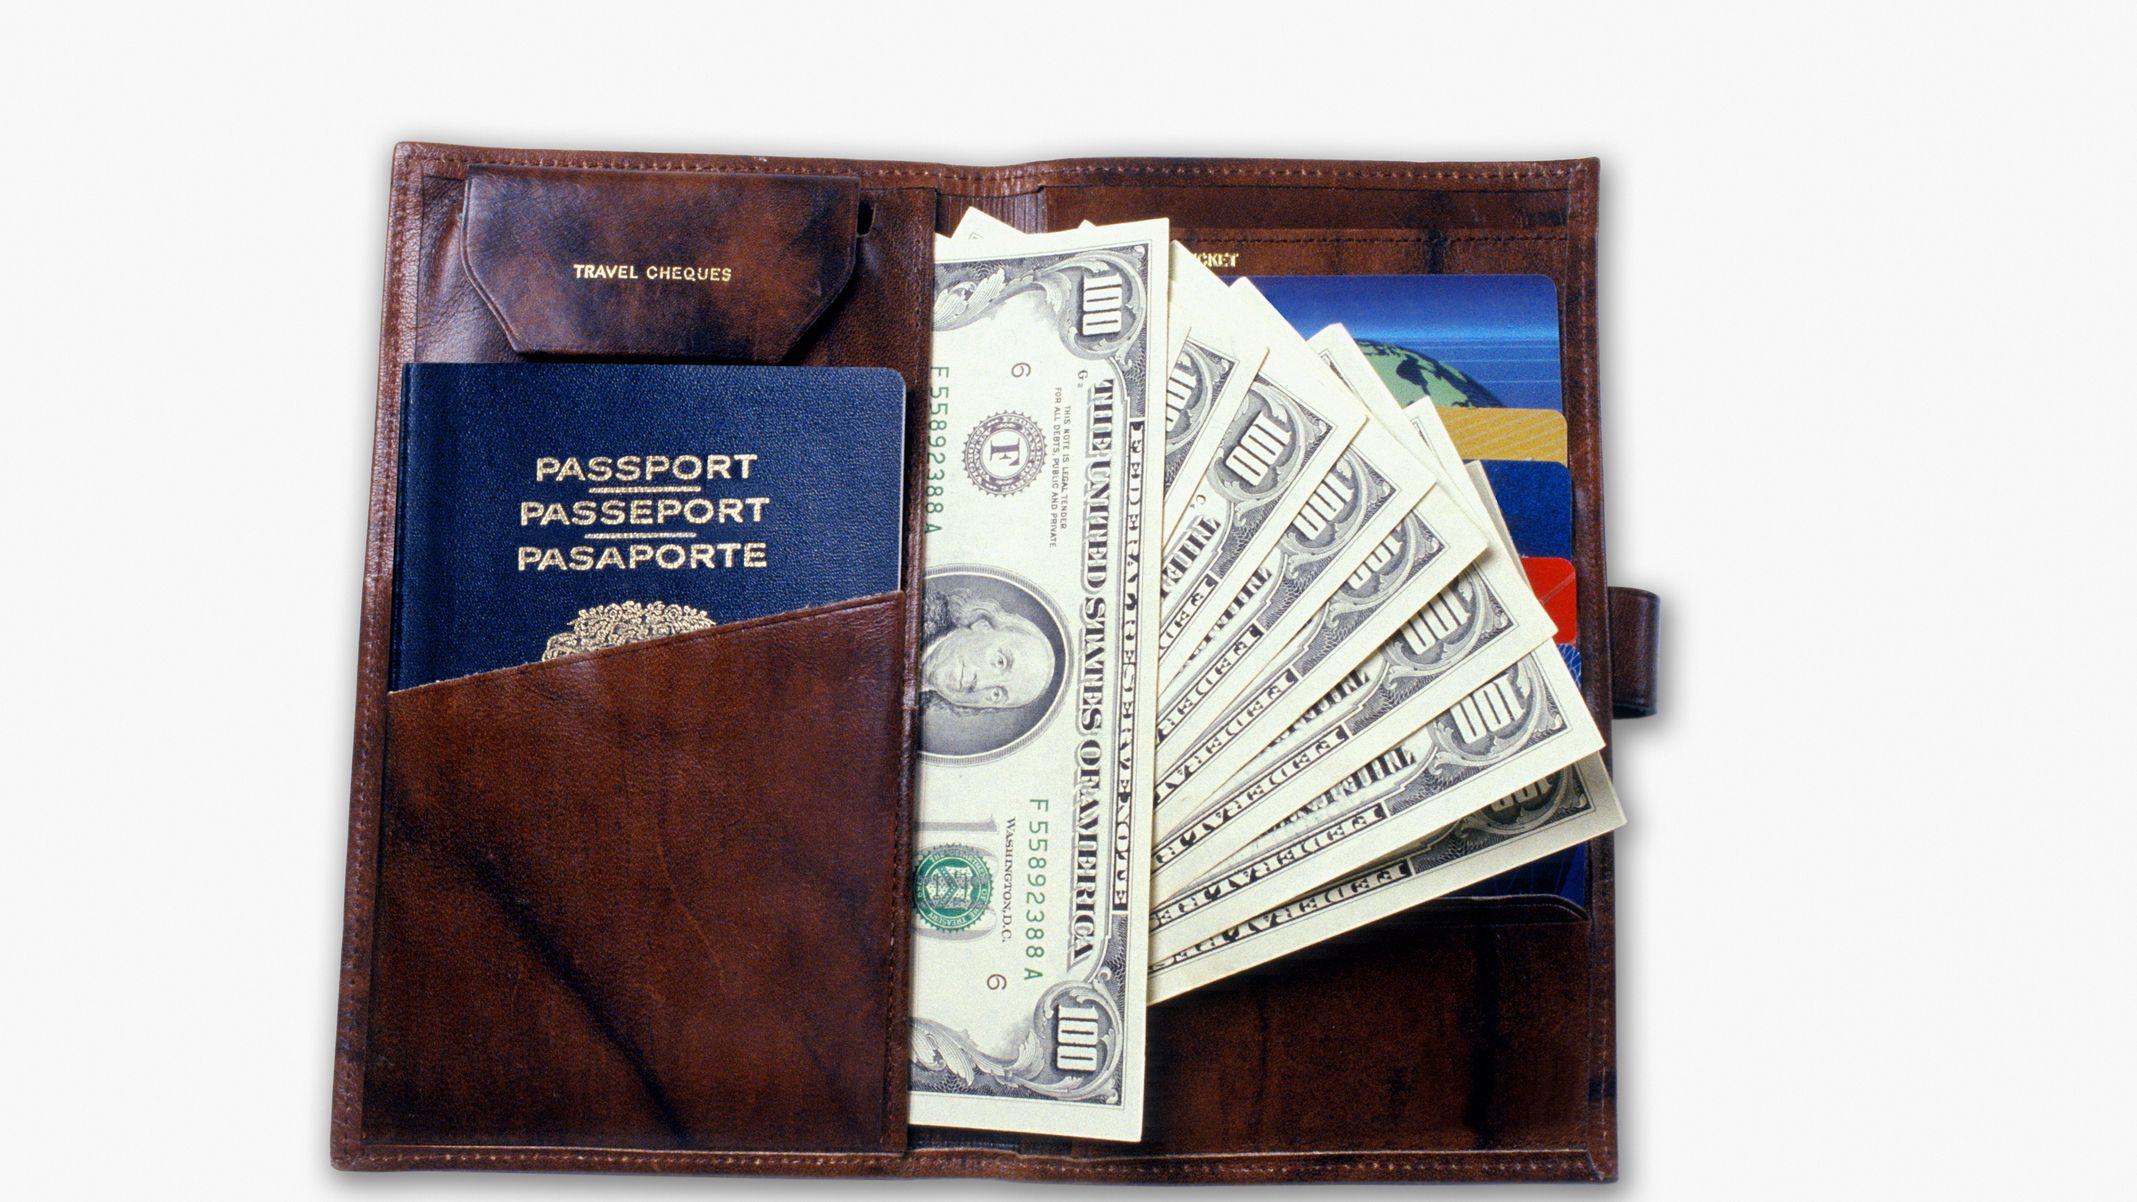 5a8bde14d The 10 Best Passport Holders of 2019